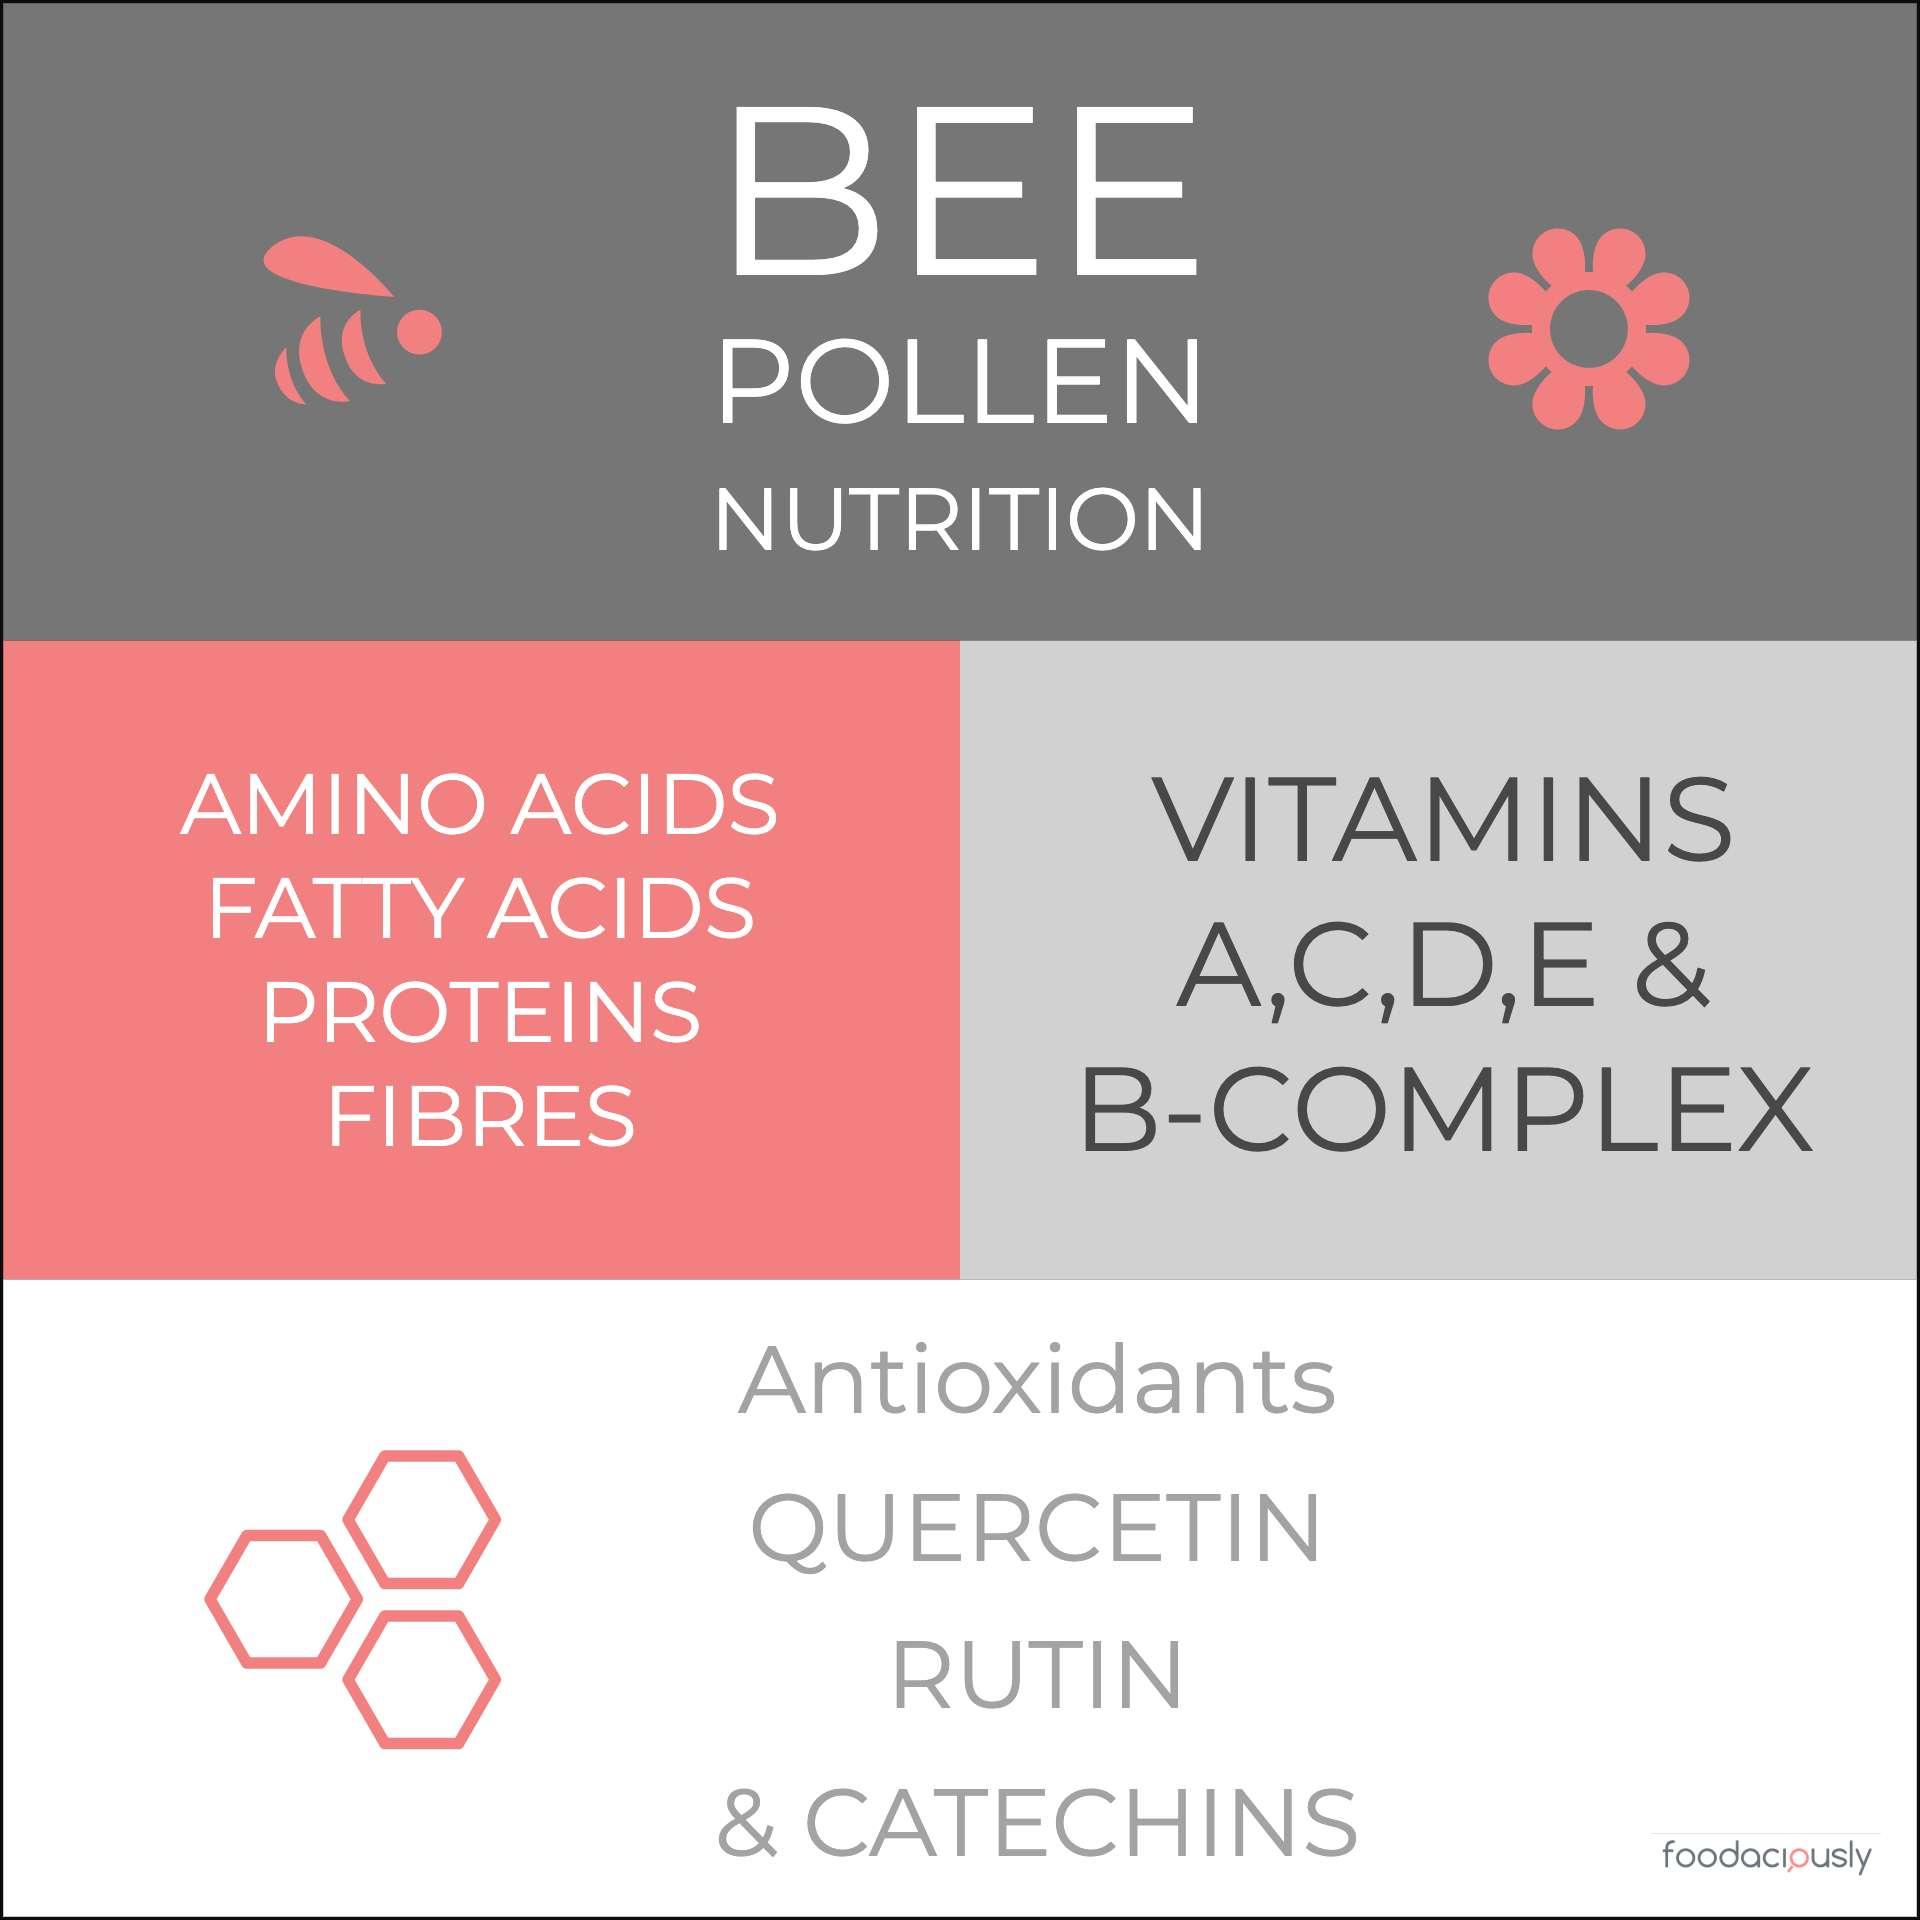 bee pollen nutrition